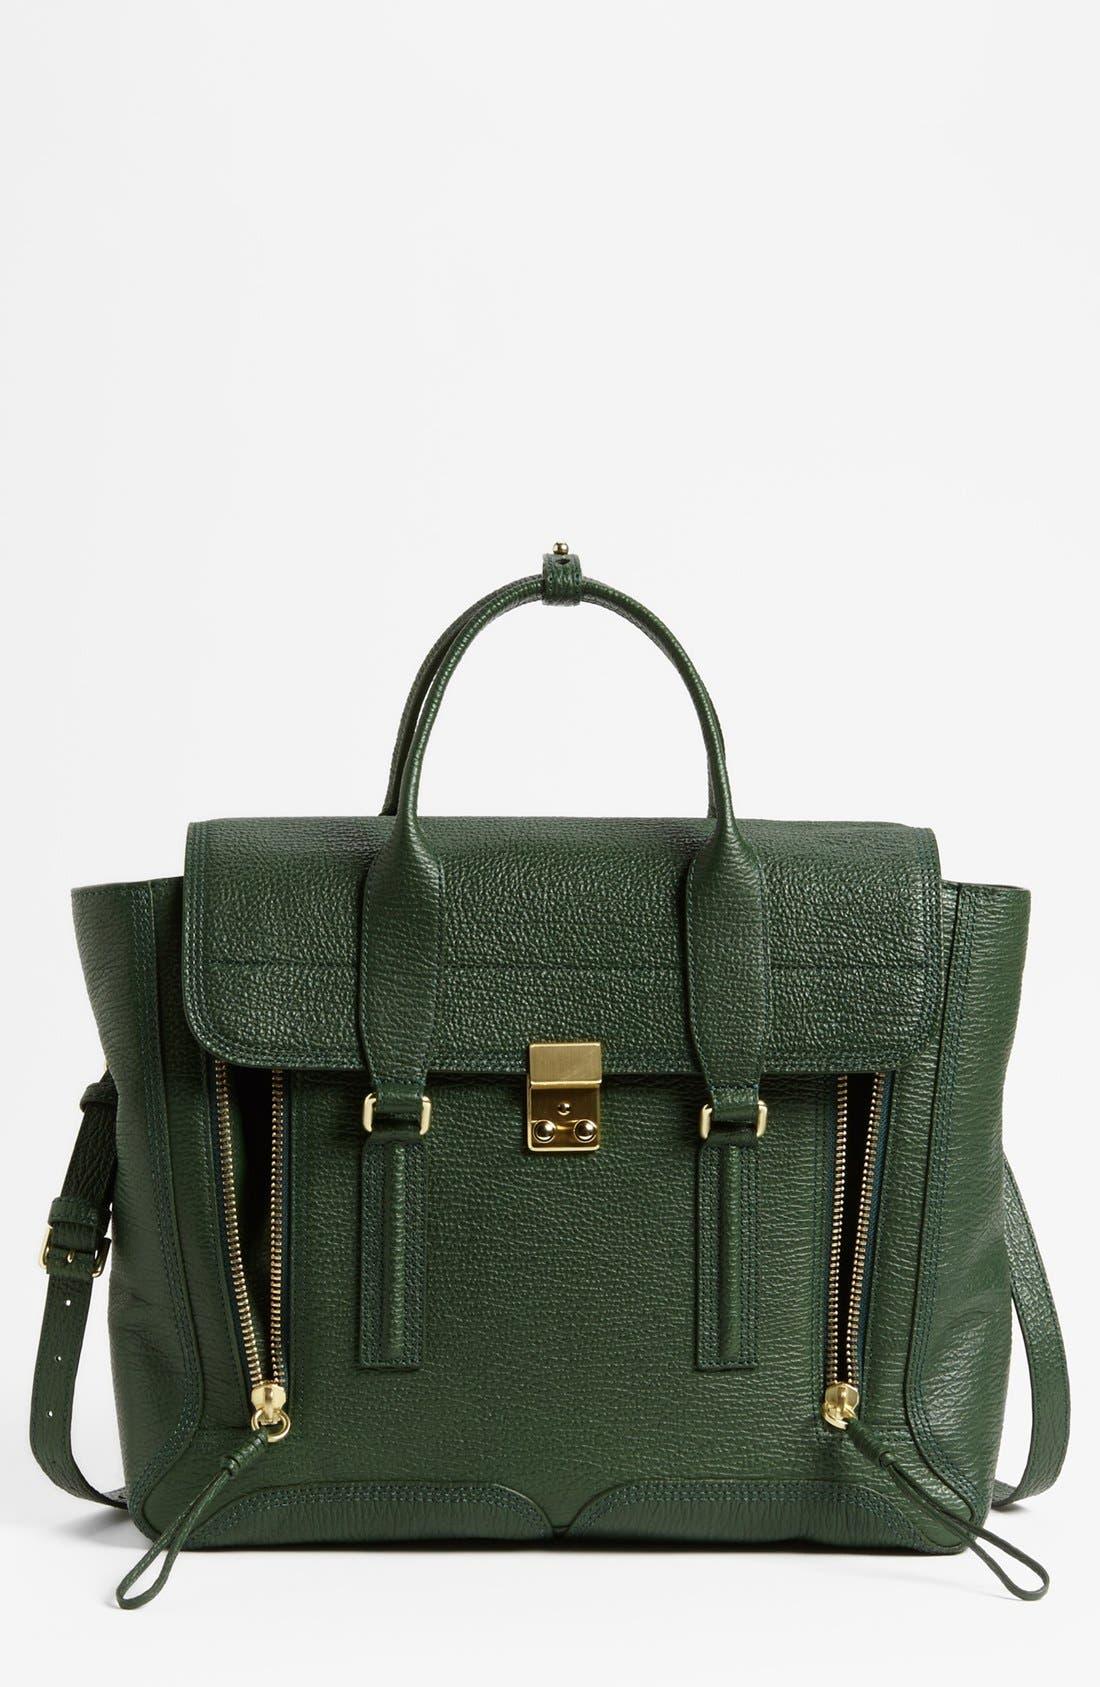 Main Image - 3.1 Phillip Lim 'Large Pashli' Leather Satchel